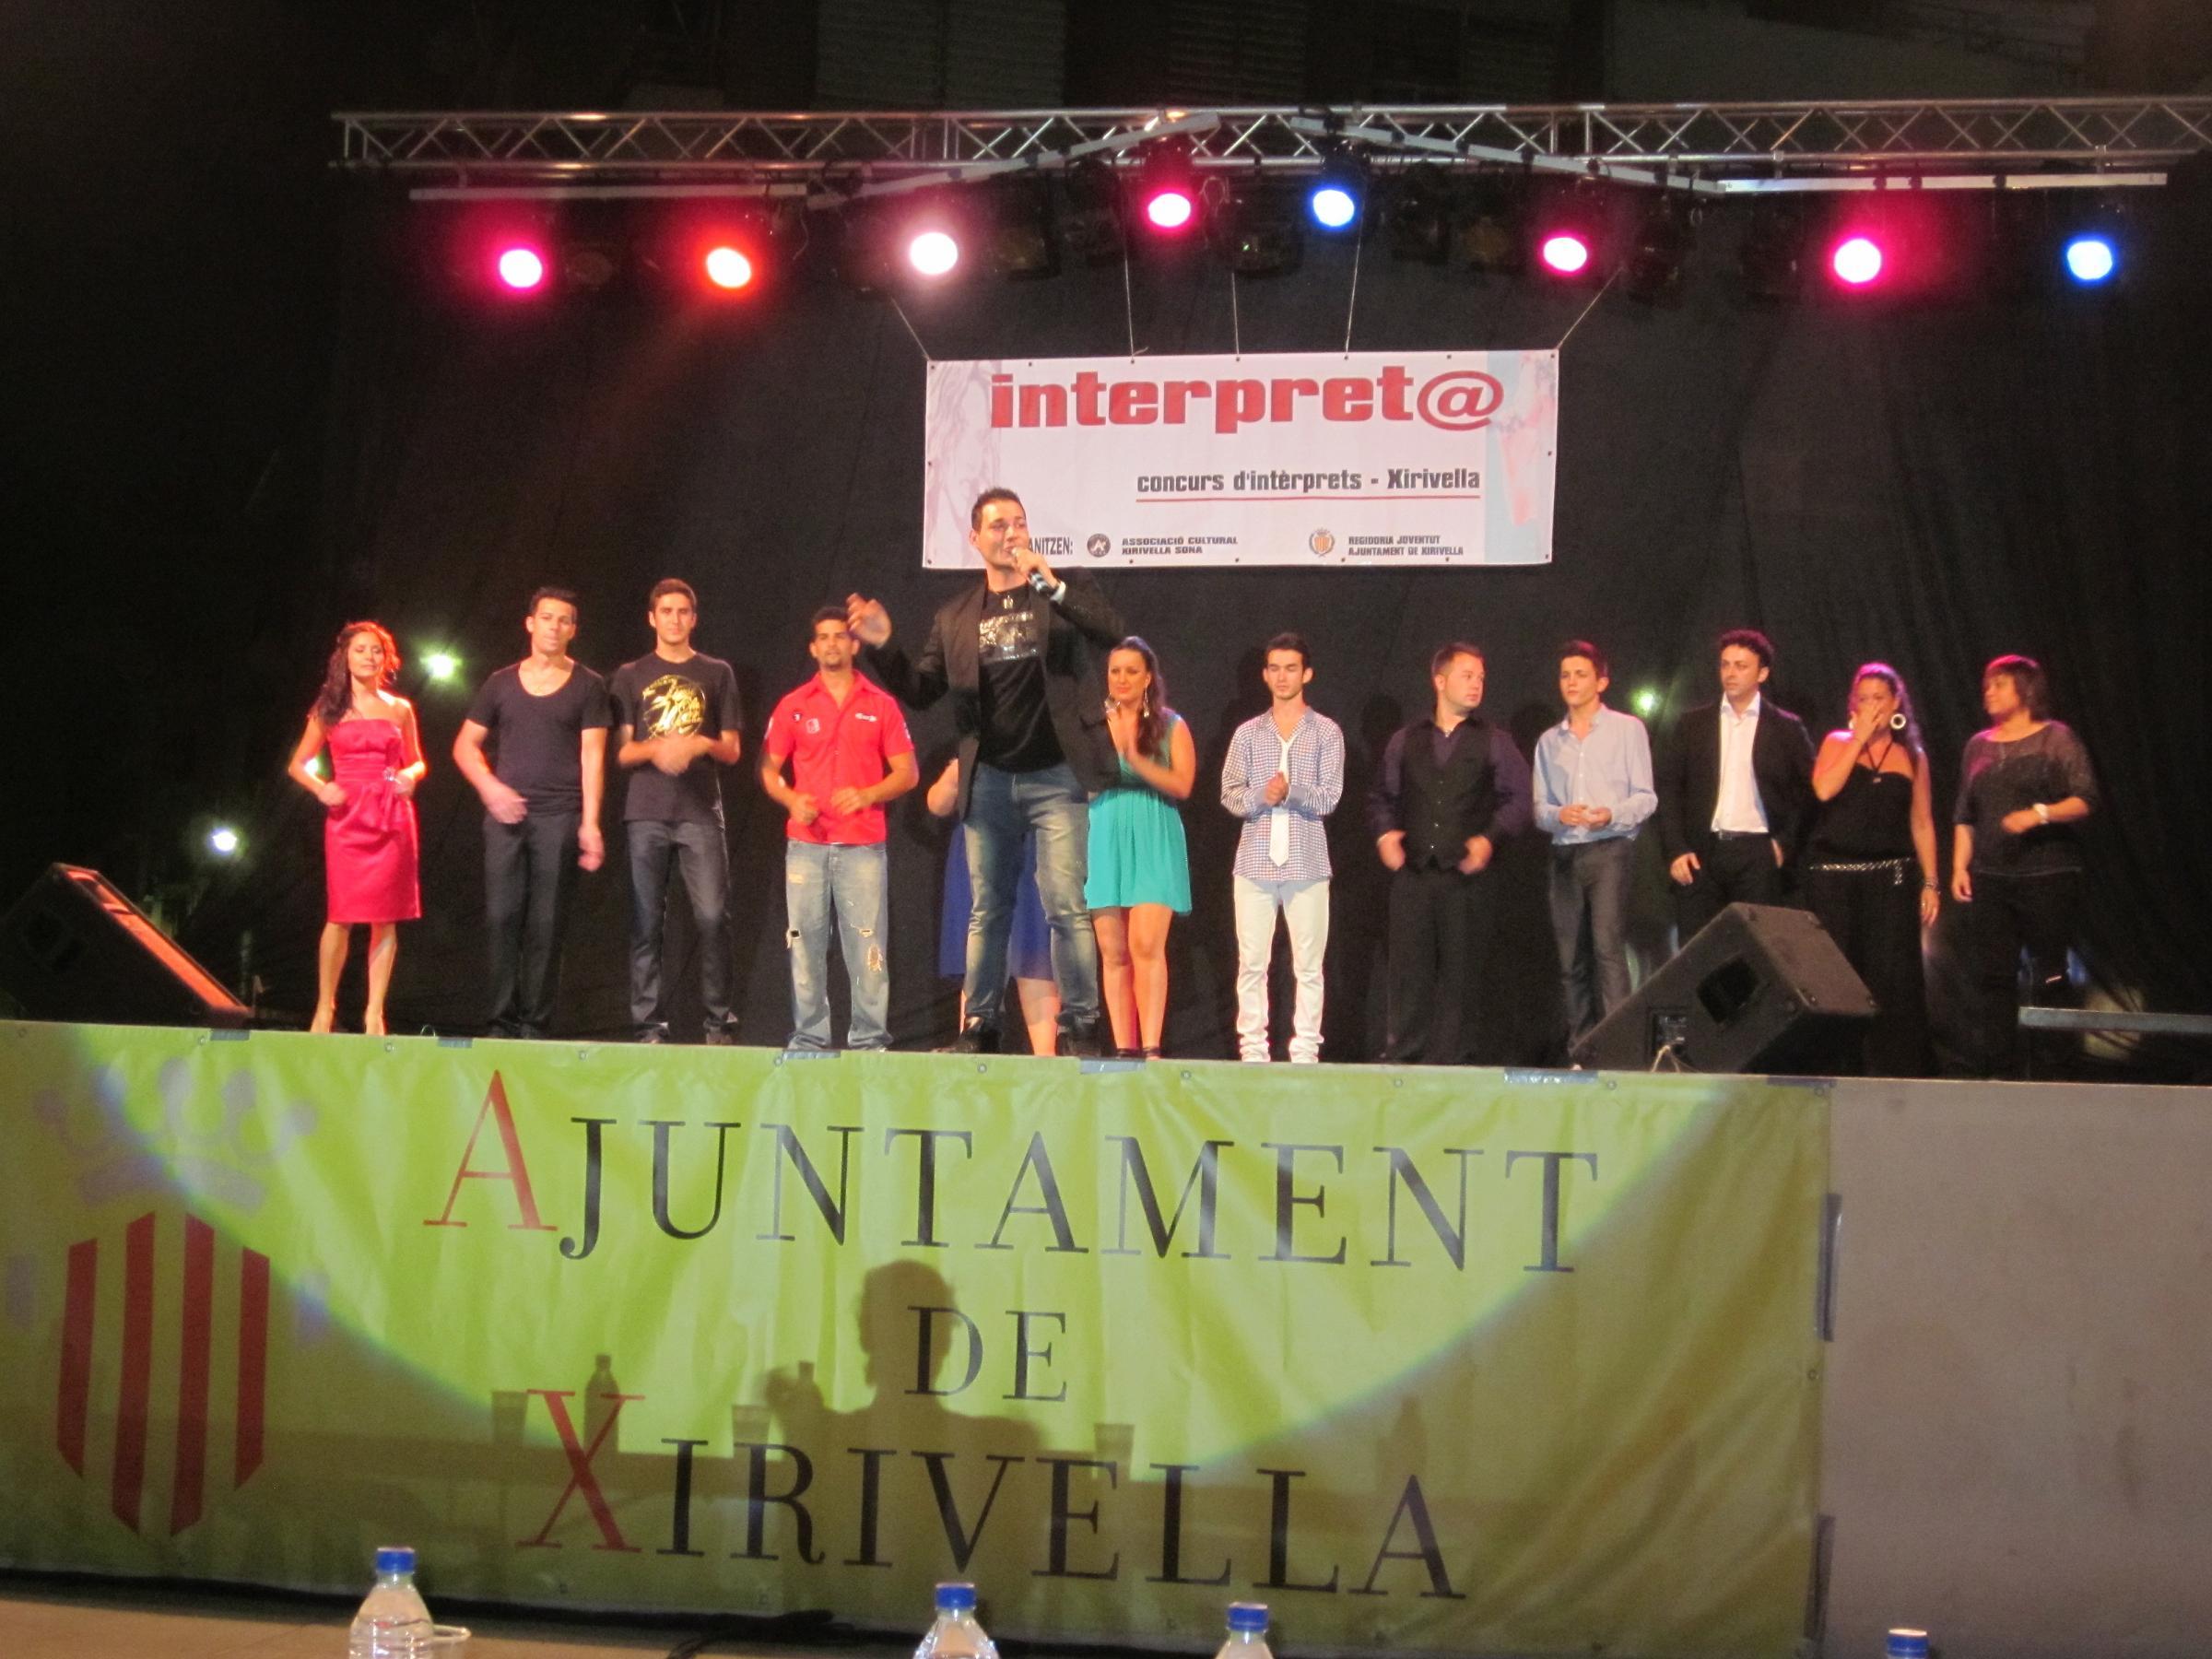 Concurso Interpret@ de Xirivella. Foto: EPDA